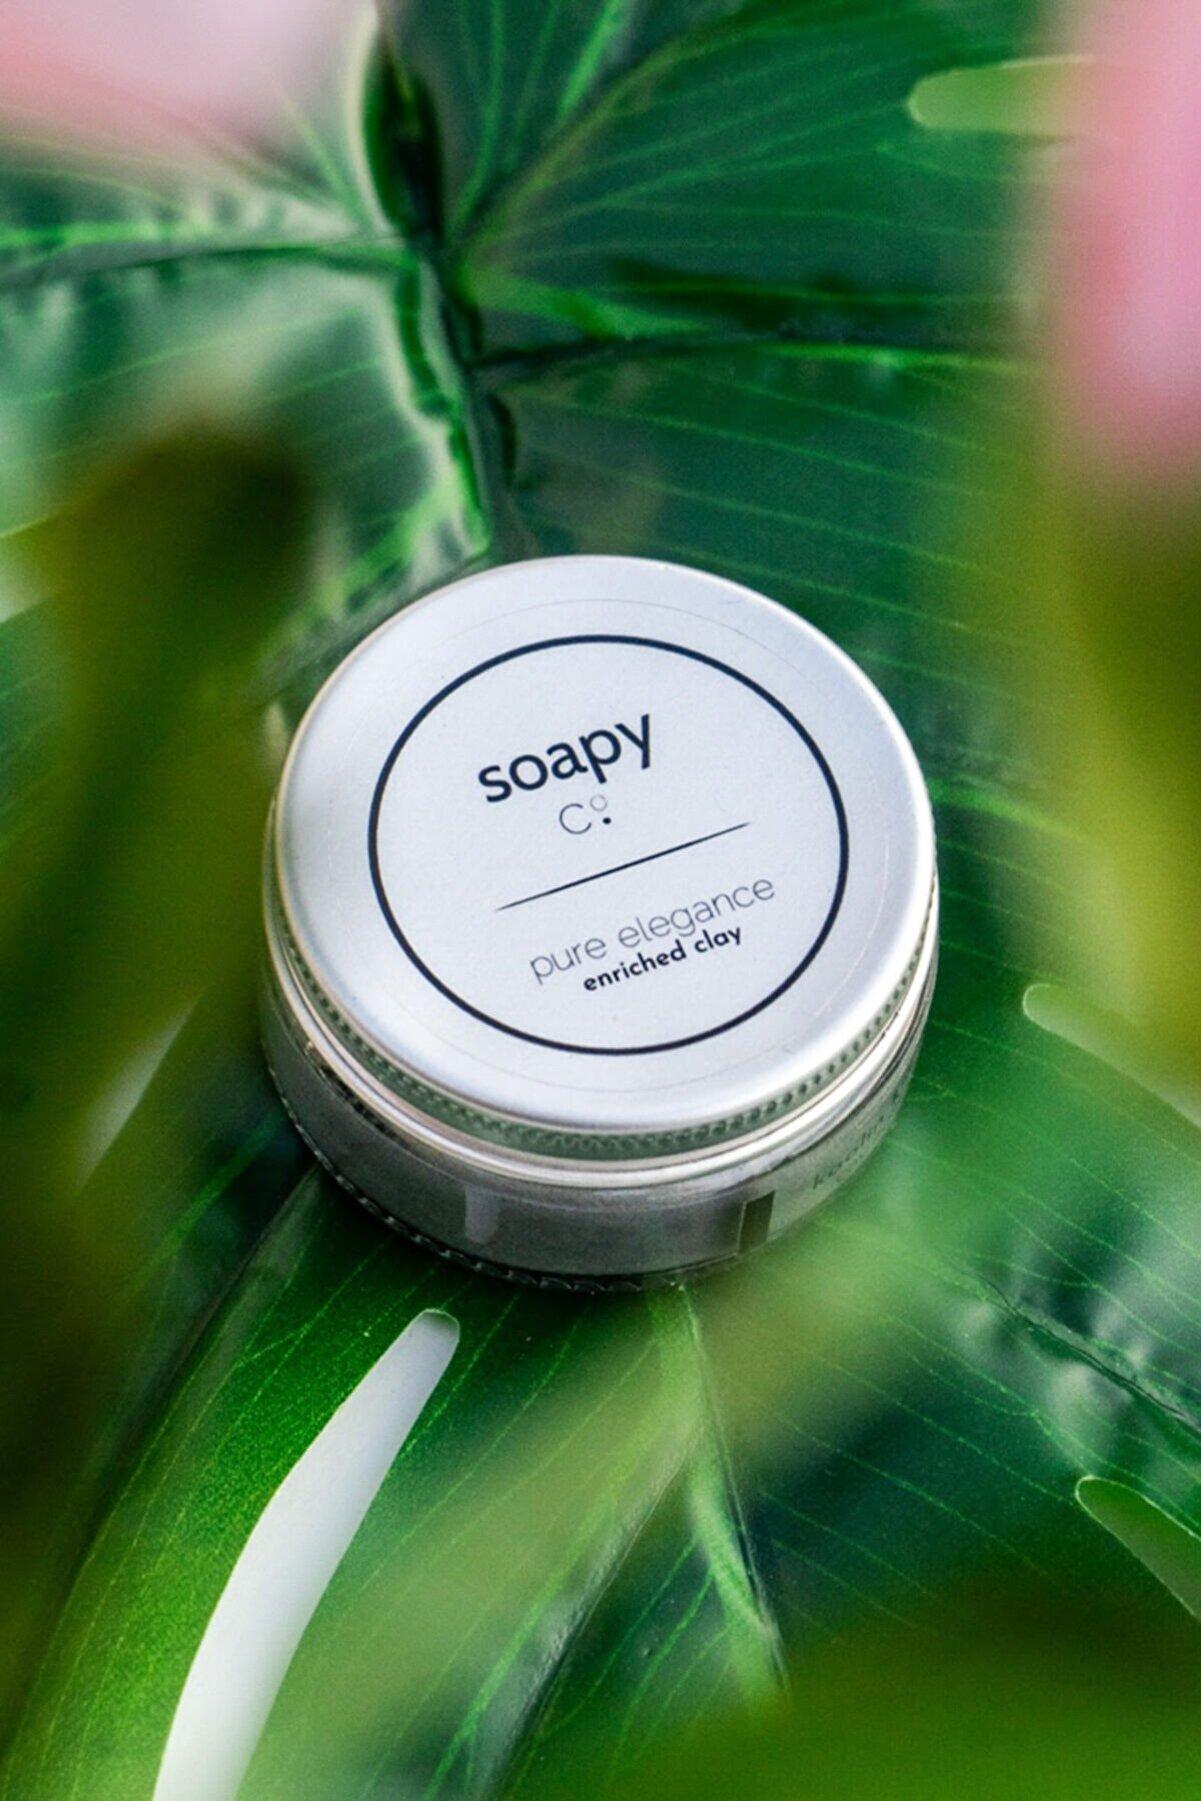 Soapy Co Pure Elegance Cleansing Kil Maskesi - Peeling Maskesi 50 ml - Yağlı Ciltler - Vegan